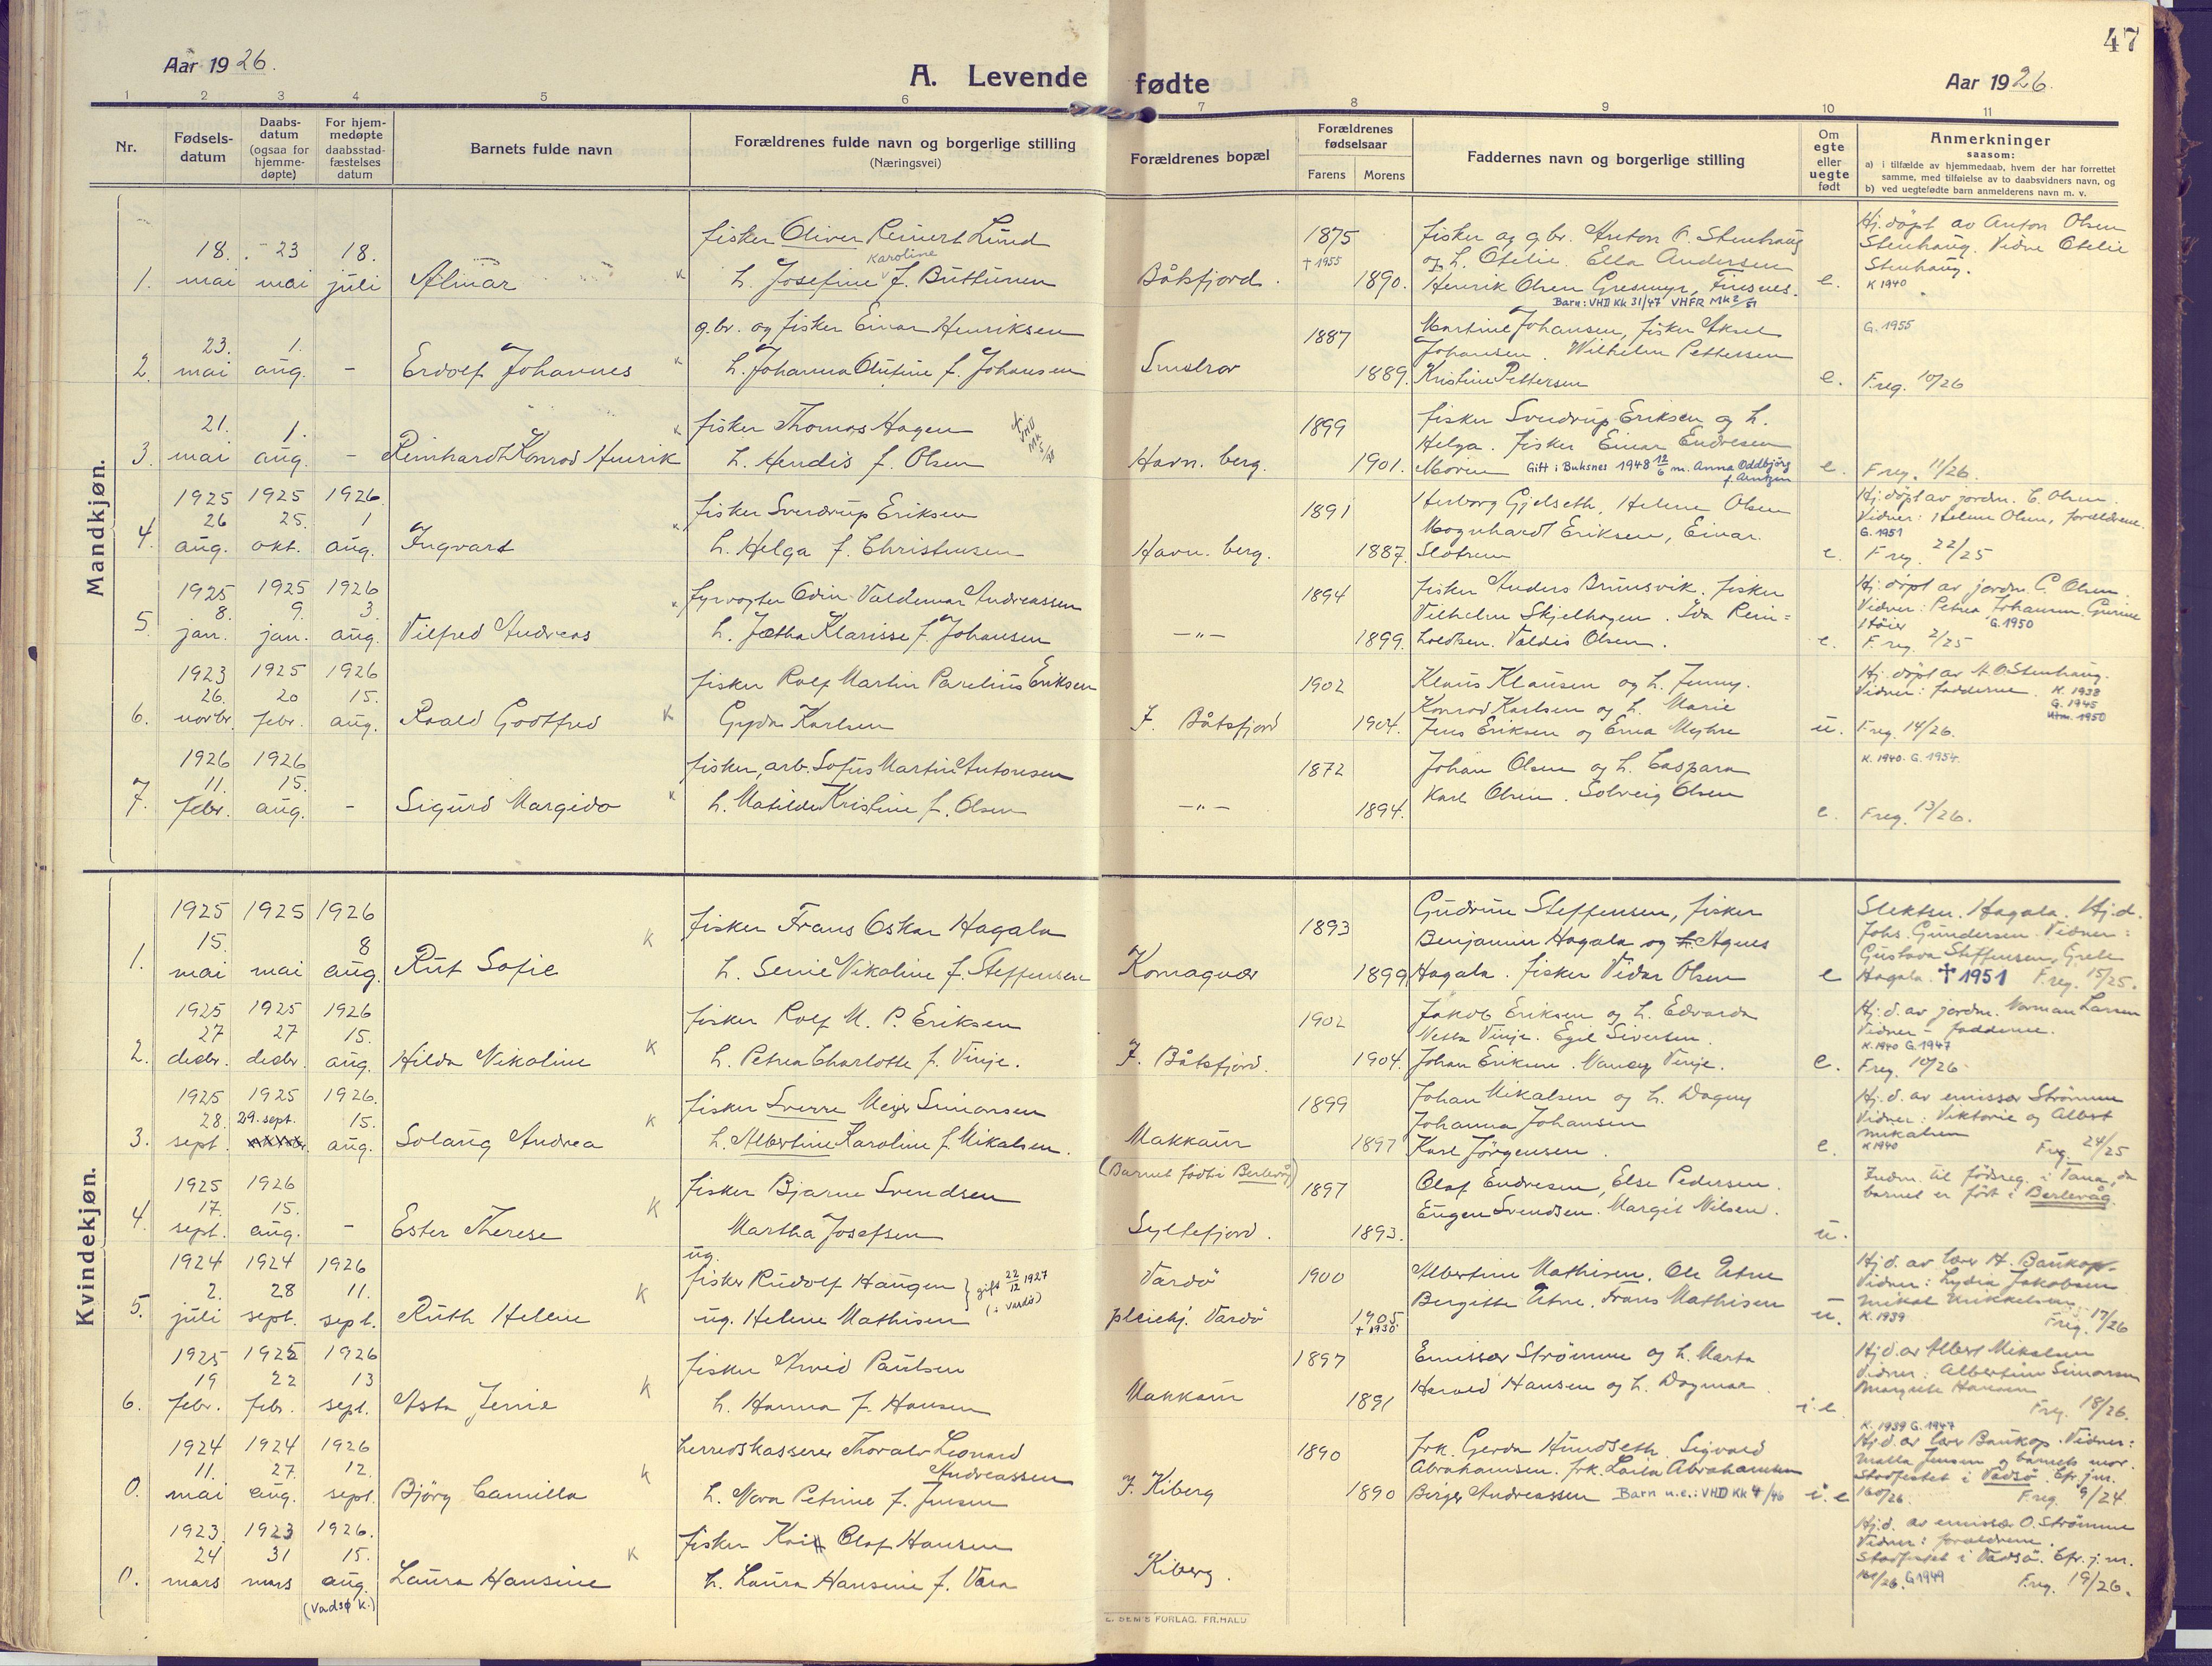 SATØ, Vardø sokneprestkontor, H/Ha/L0013kirke: Ministerialbok nr. 13, 1912-1928, s. 47